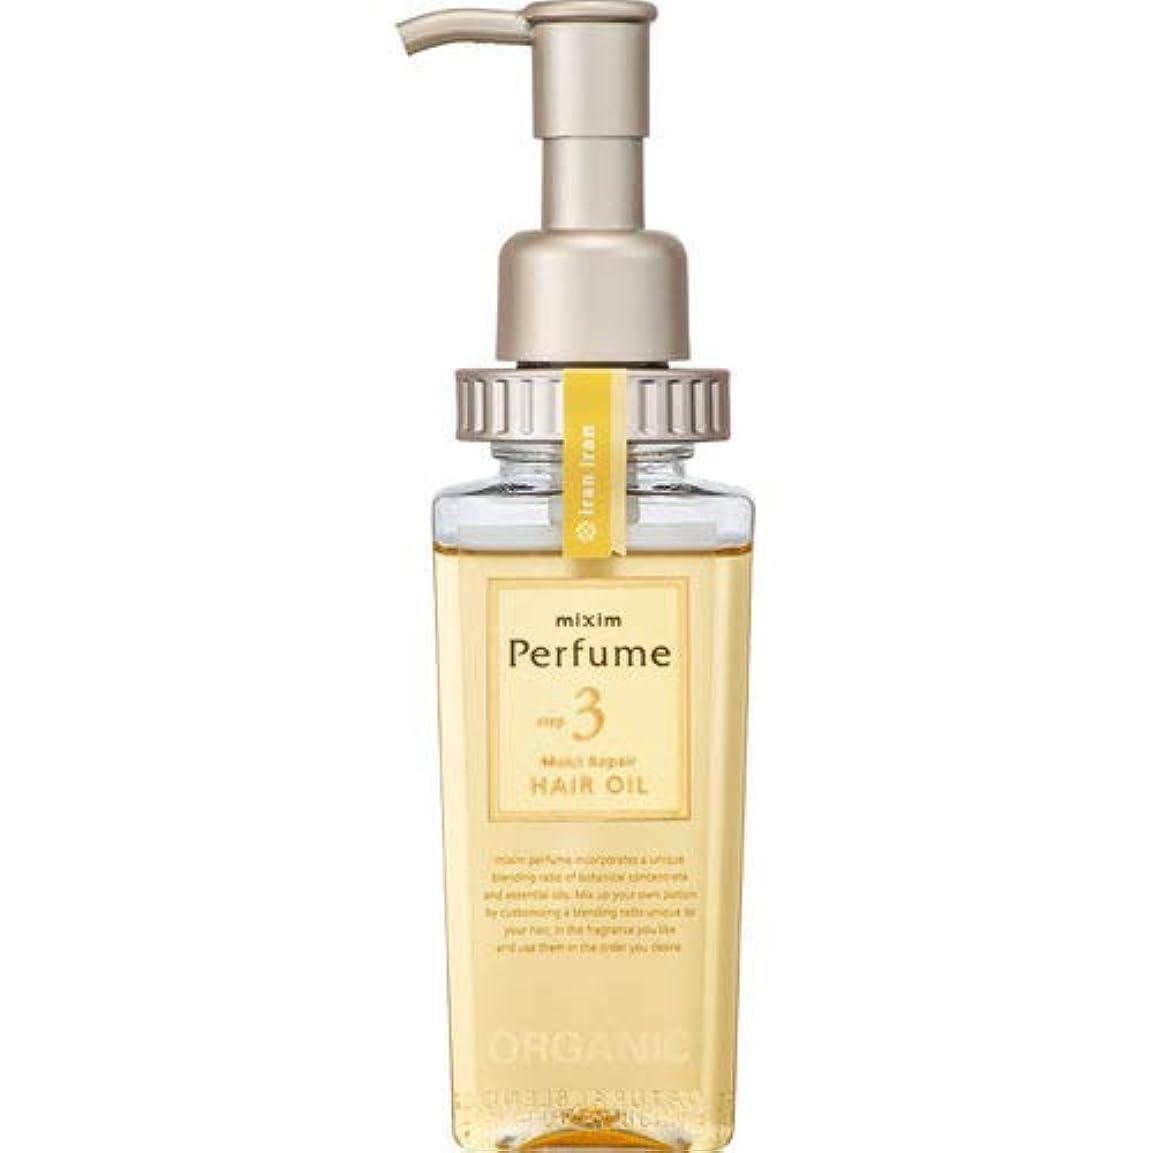 非行ビジタースキムmixim Perfume(ミクシムパフューム) モイストリペア ヘアオイル 100mL